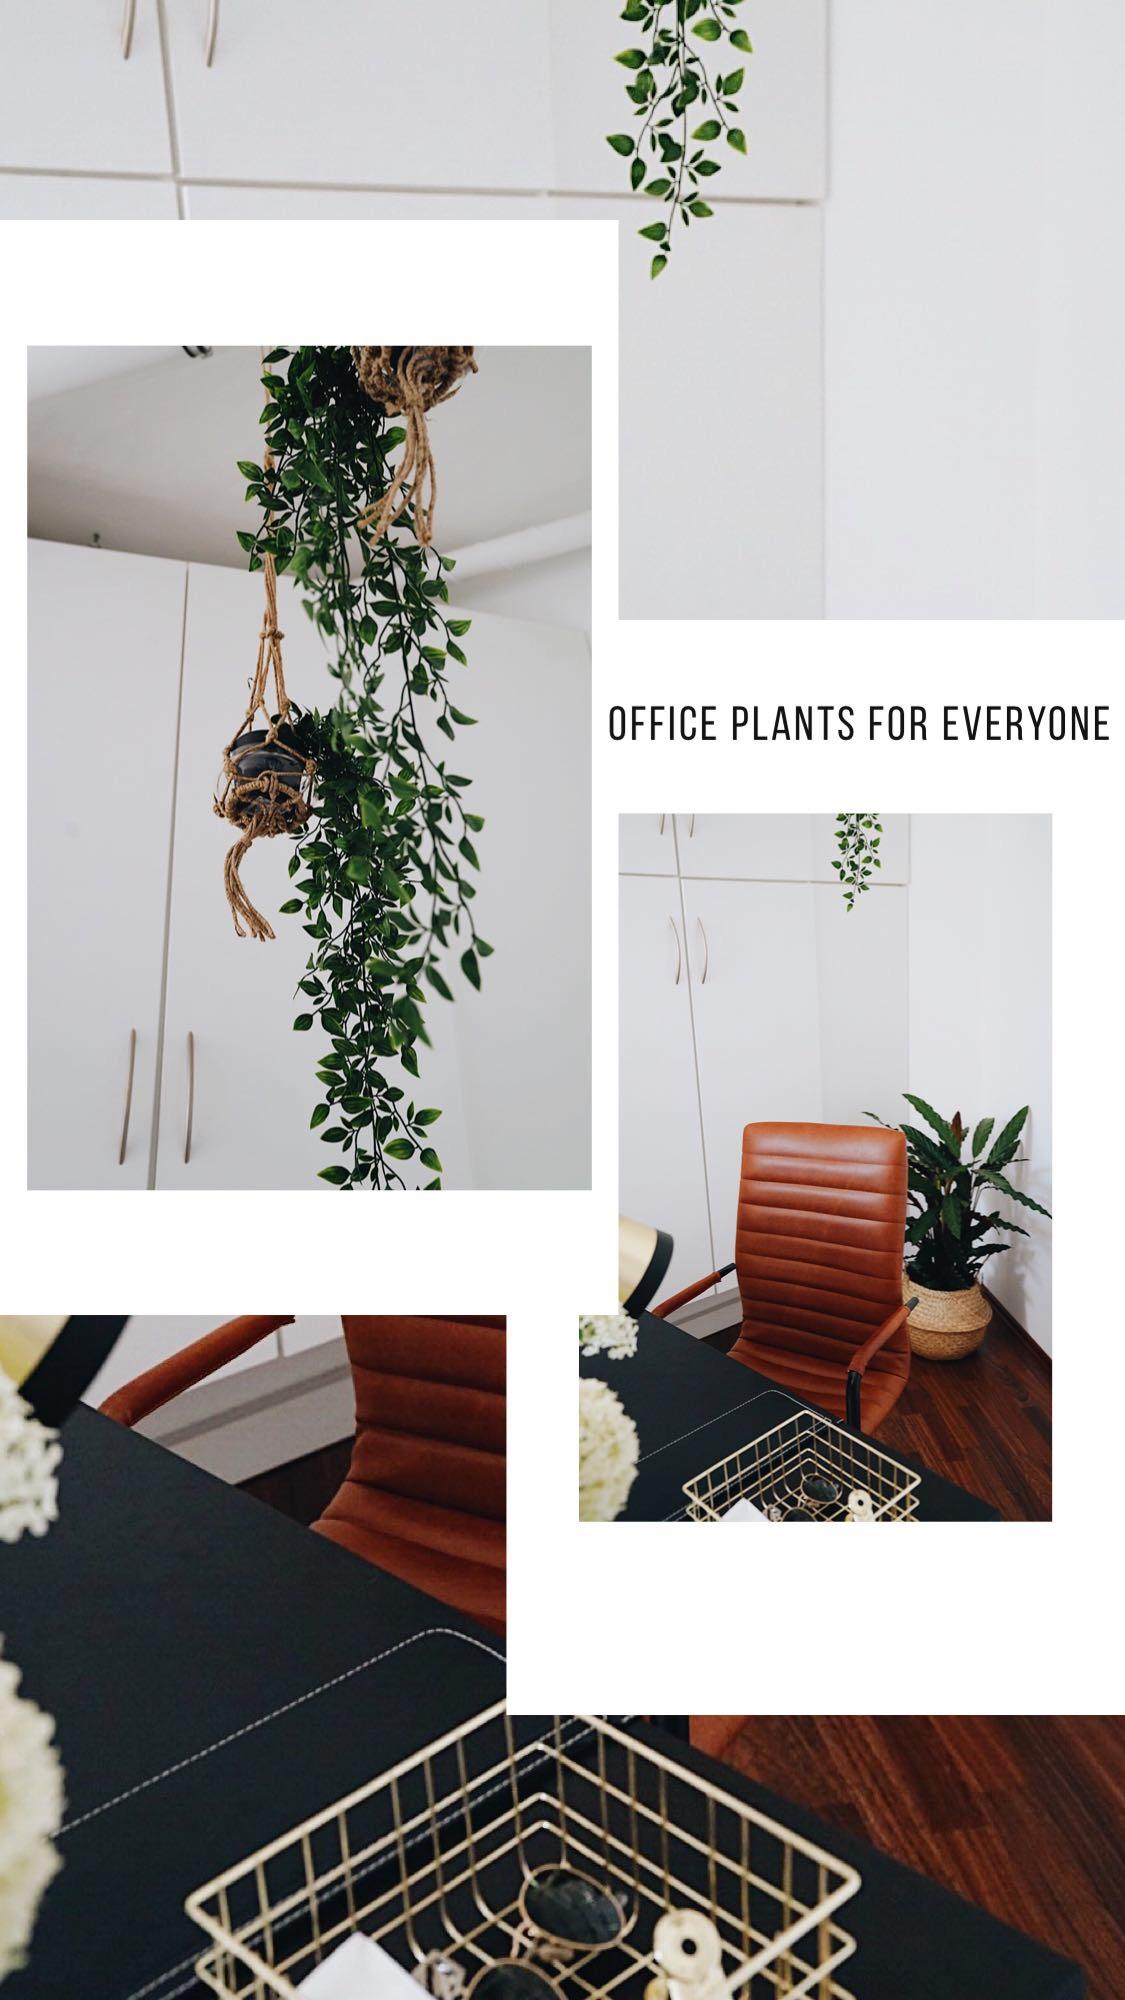 Dekoration Arbeitszimmer Office Inspiration Style Lifestyleblogger Iterior  Wohnideen Home24 Ffranzy Fashionforffranzy Girlboss